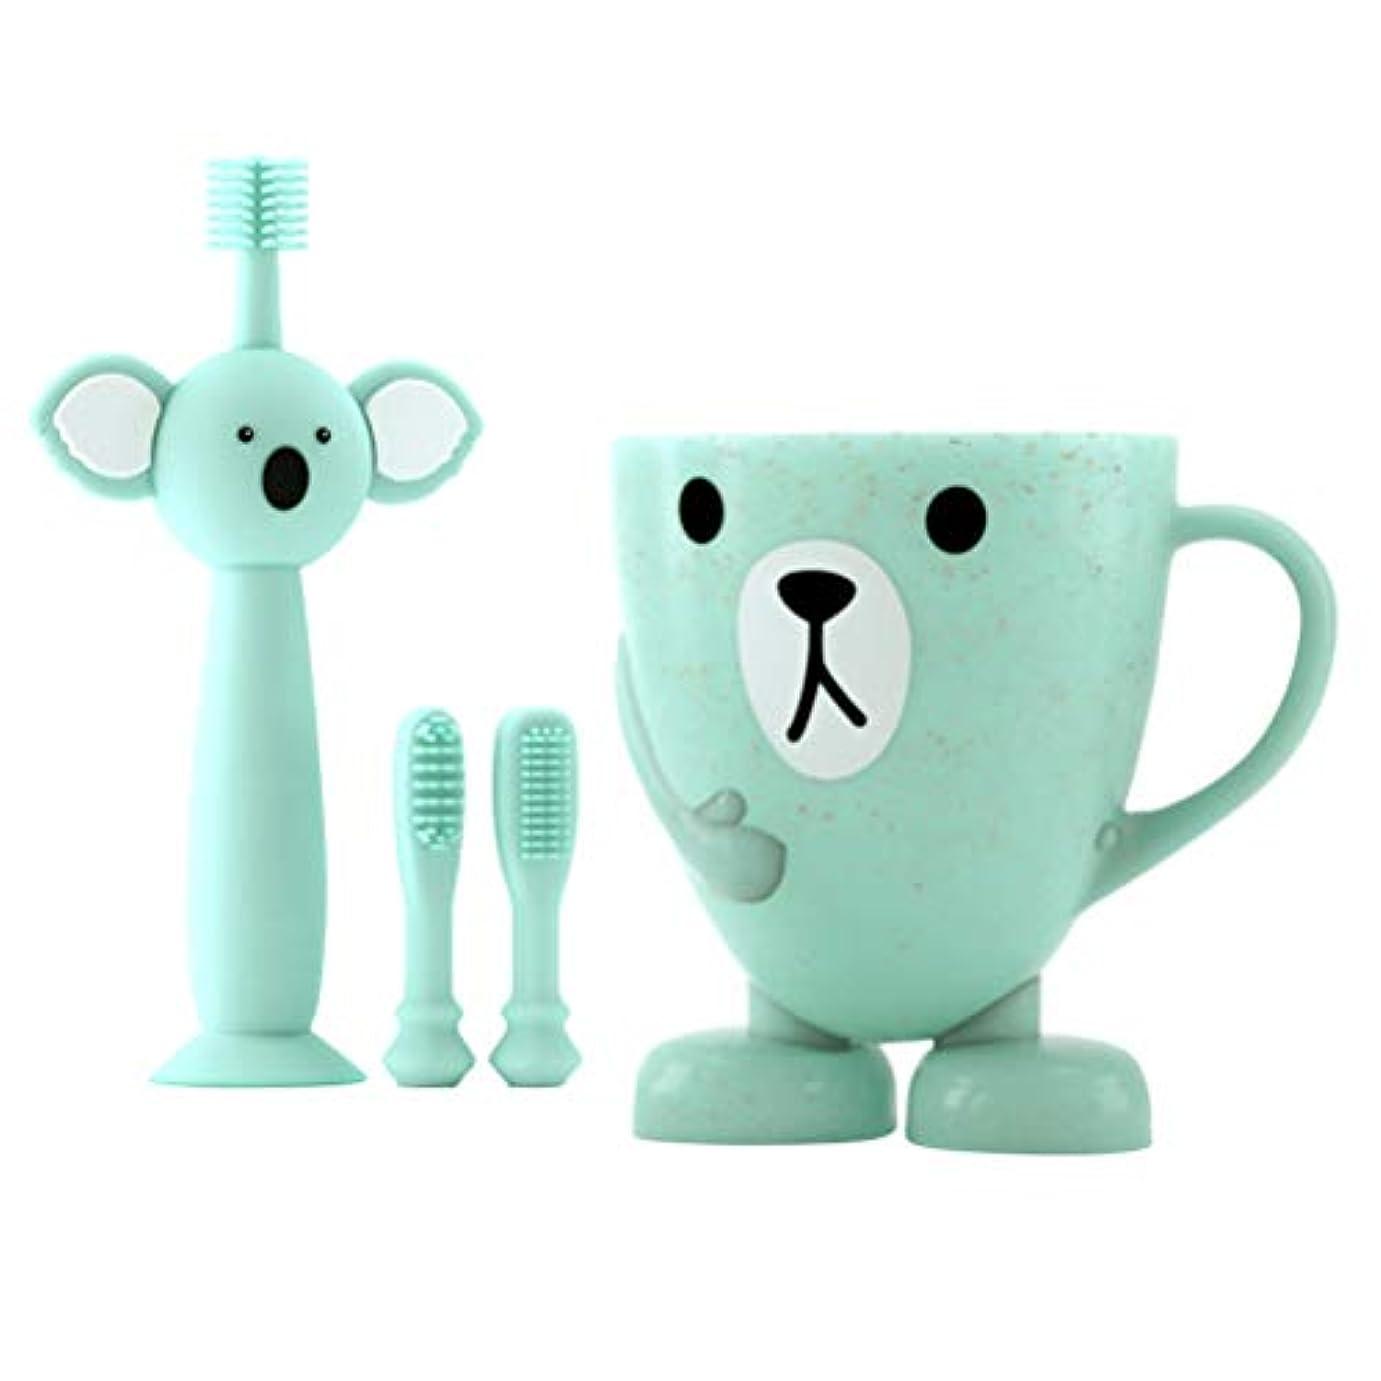 区ワイヤーワゴンTOYANDONA 赤ちゃんの歯のクリーニングセット幼児シリコン歯ブラシ2個付き交換用ブラシヘ??ッドカップ4個